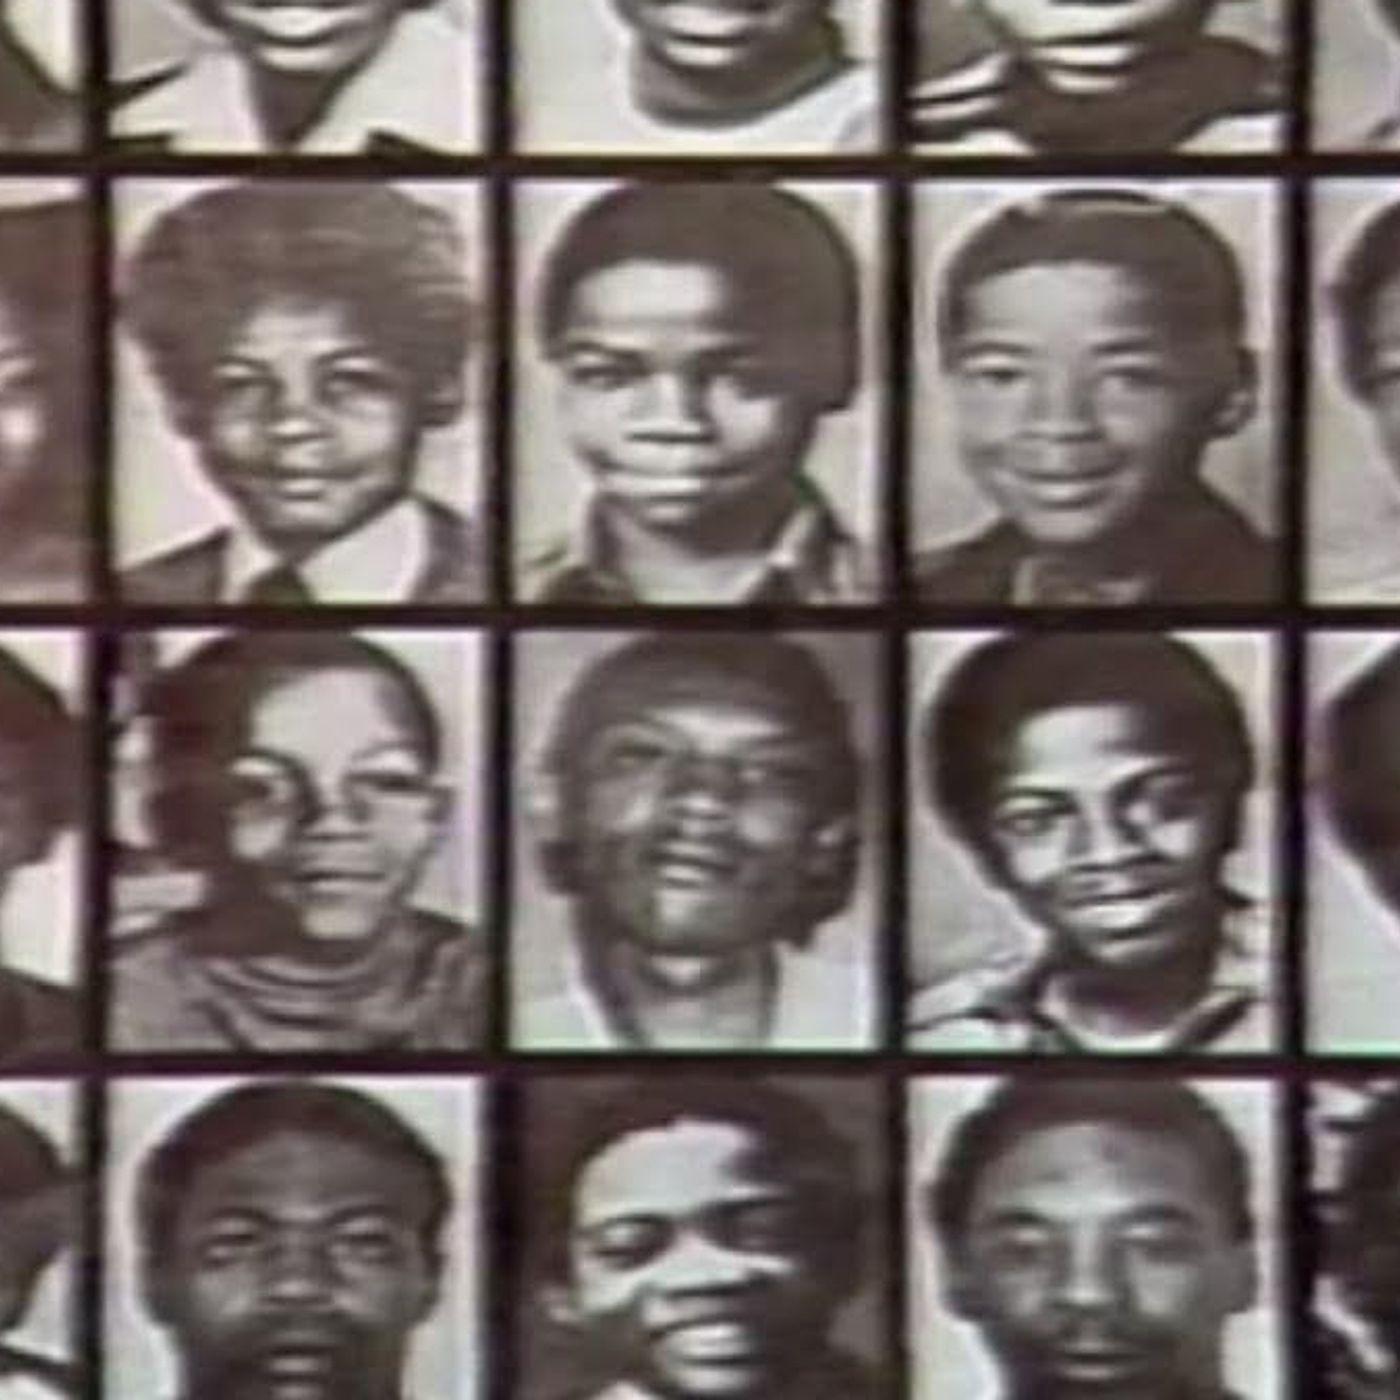 Gli omicidi dei bambini di Atlanta - Episodio 5